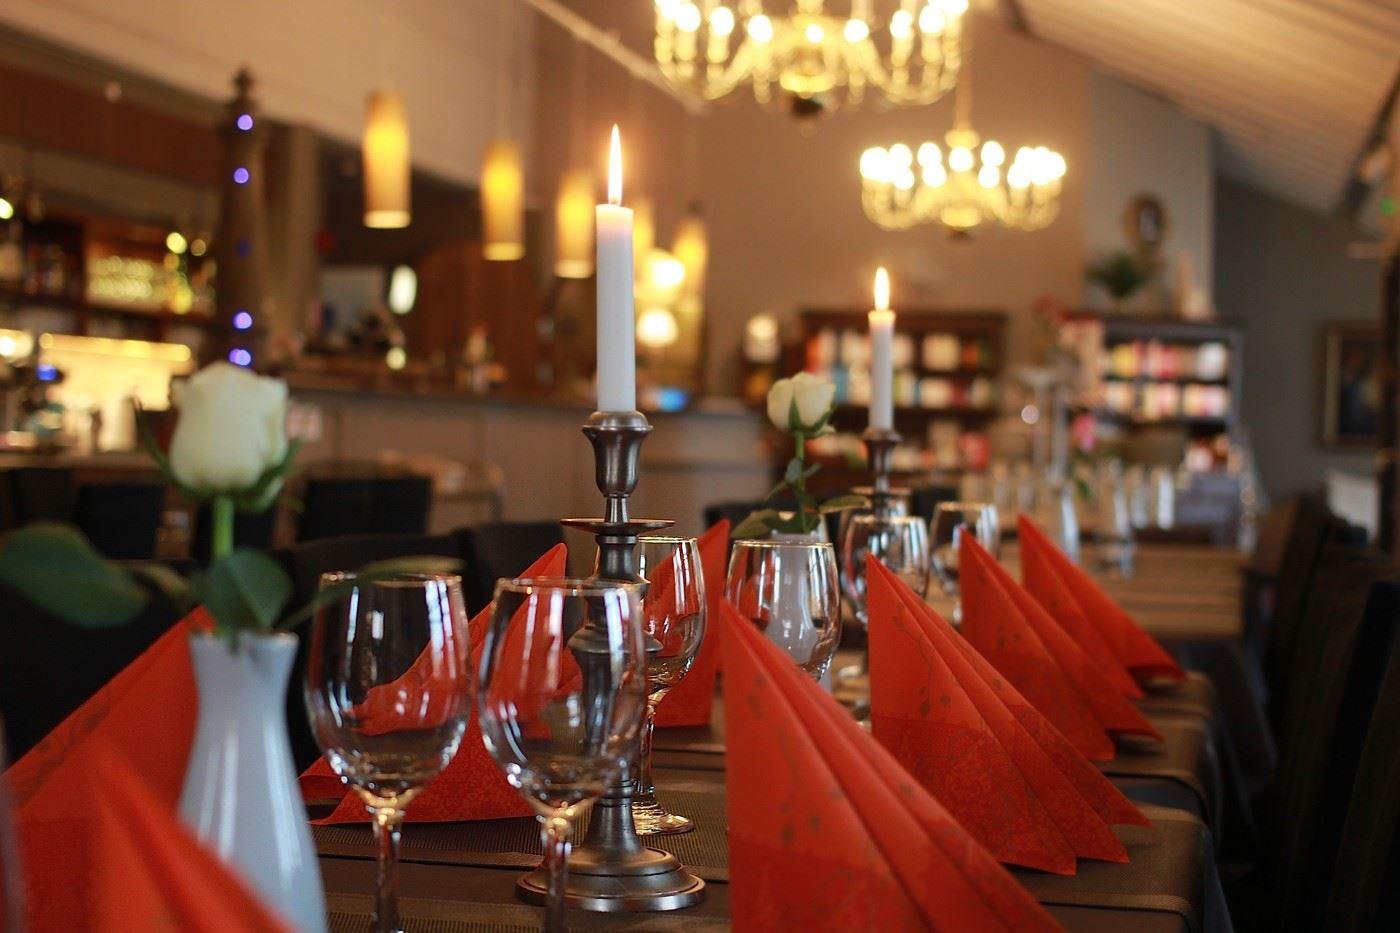 Restaurant Linnanrauha